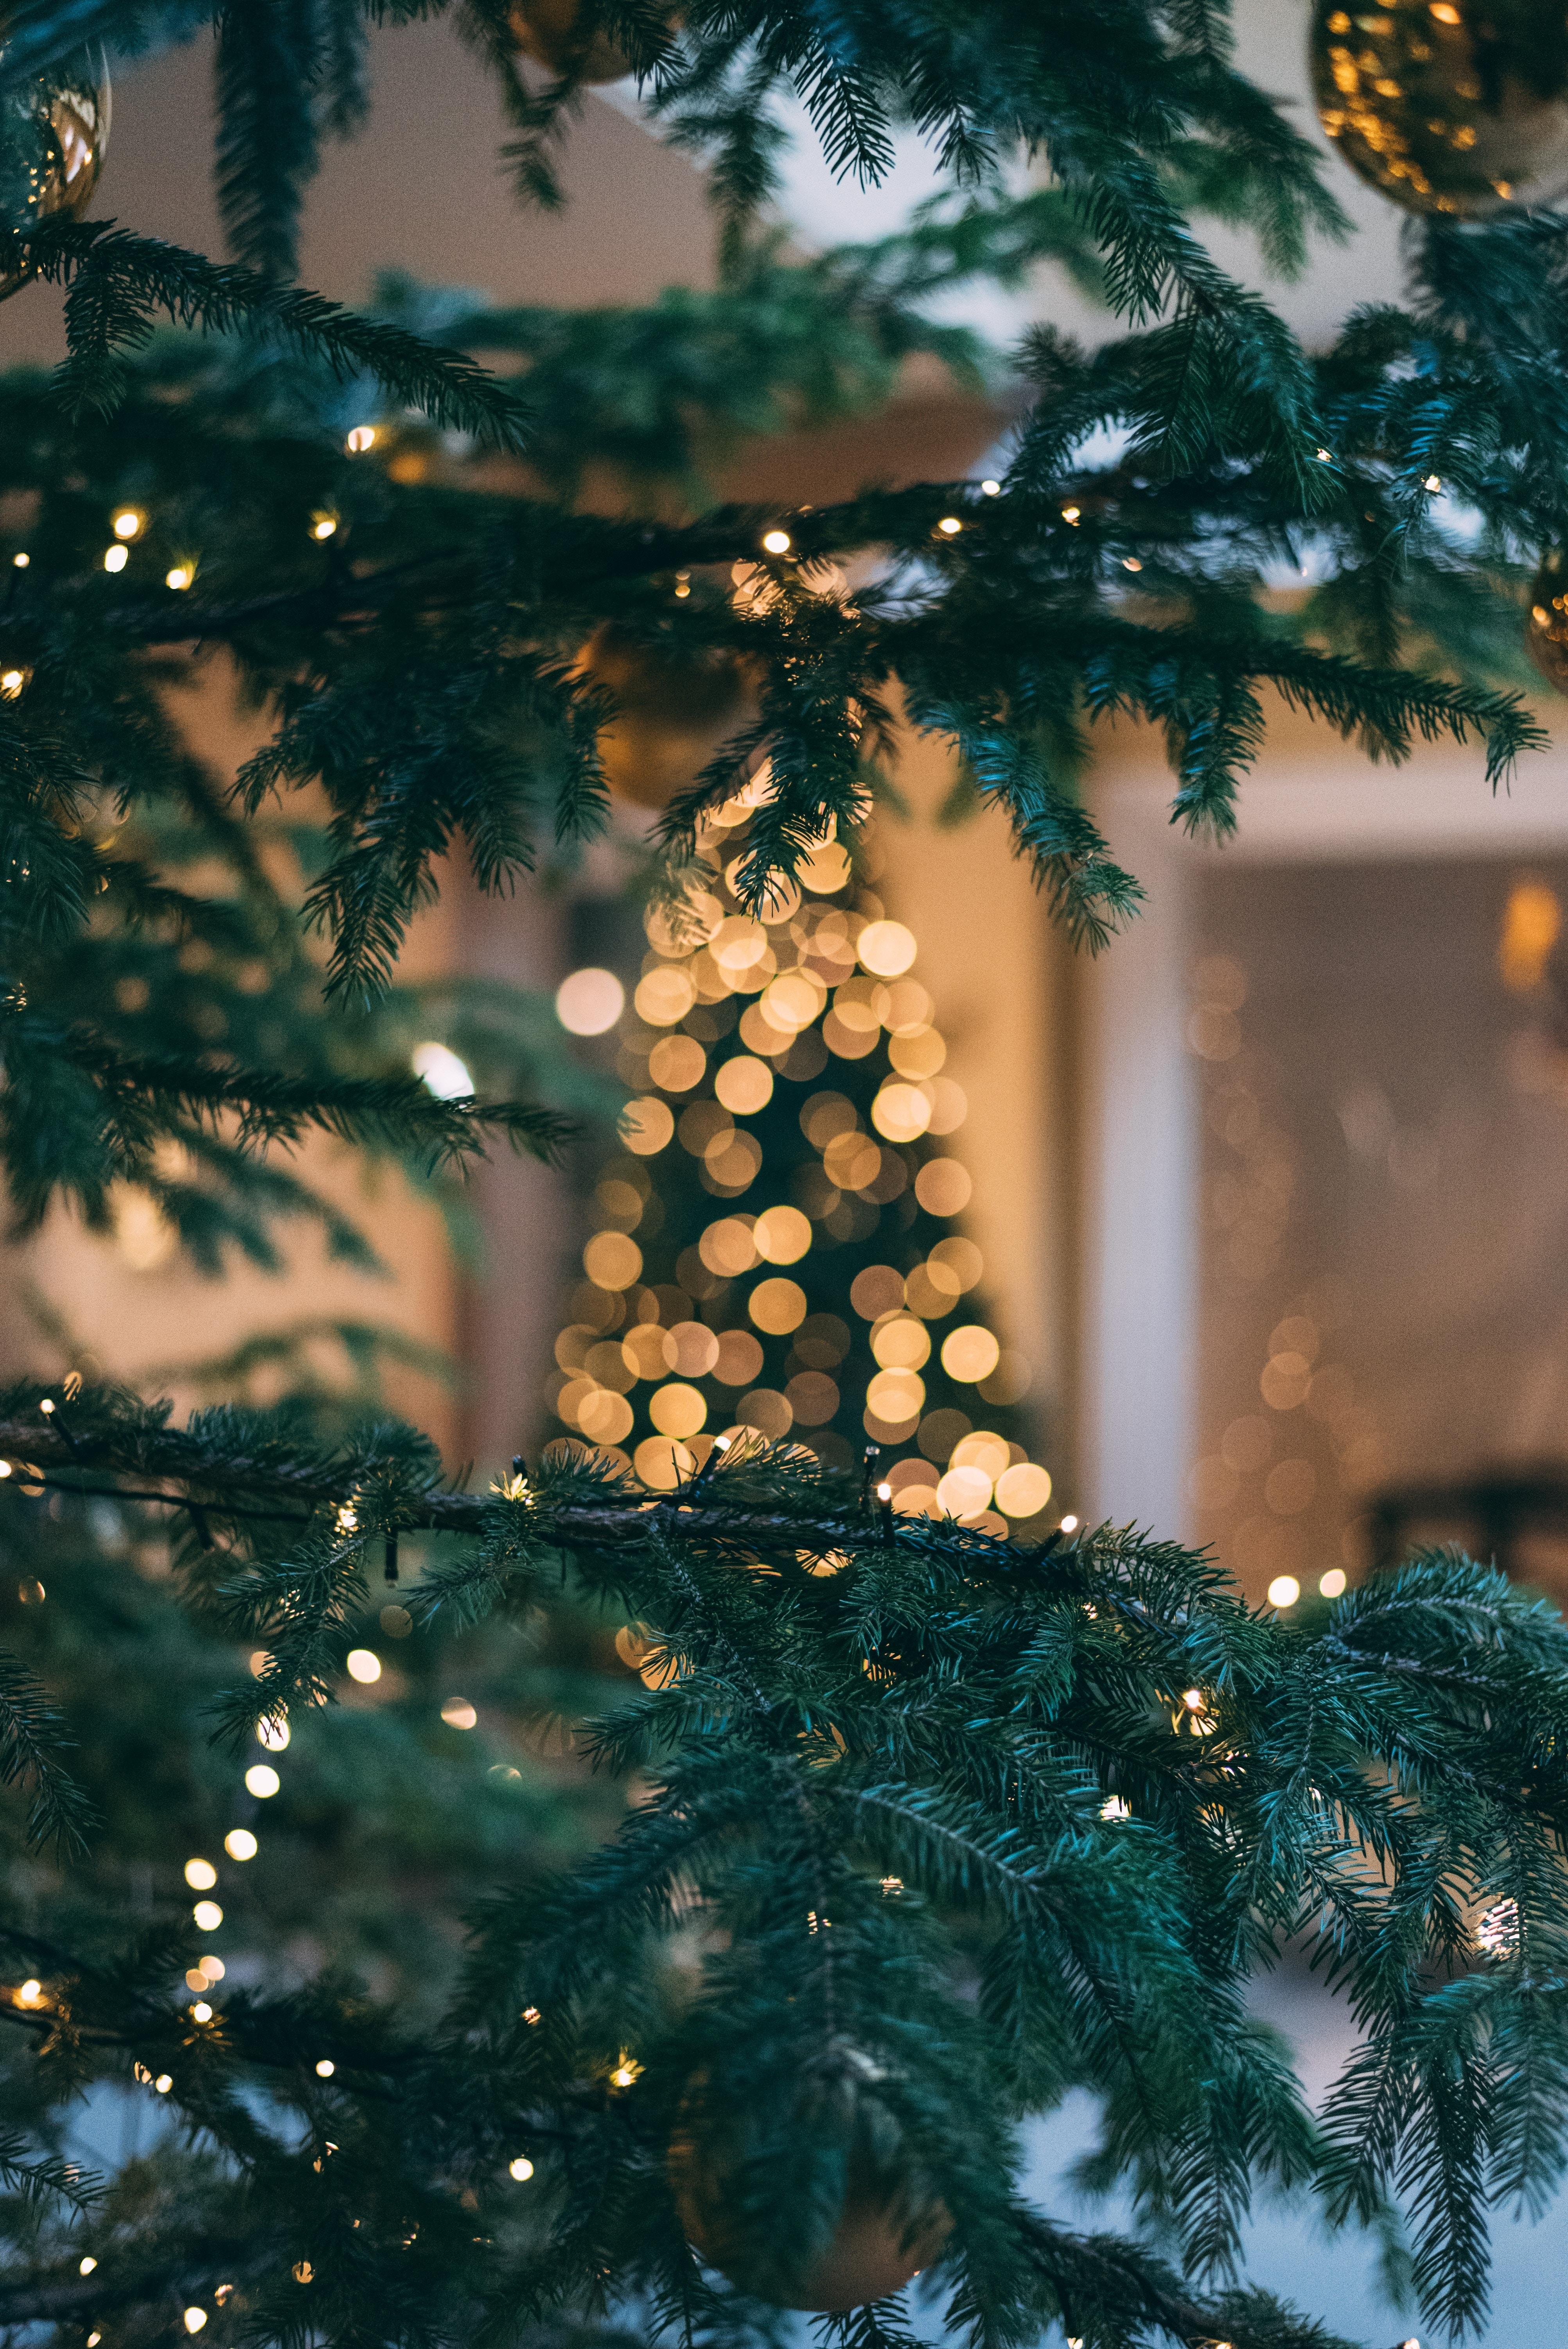 фото новогодних елок высокого качества девушка оказавшись даче